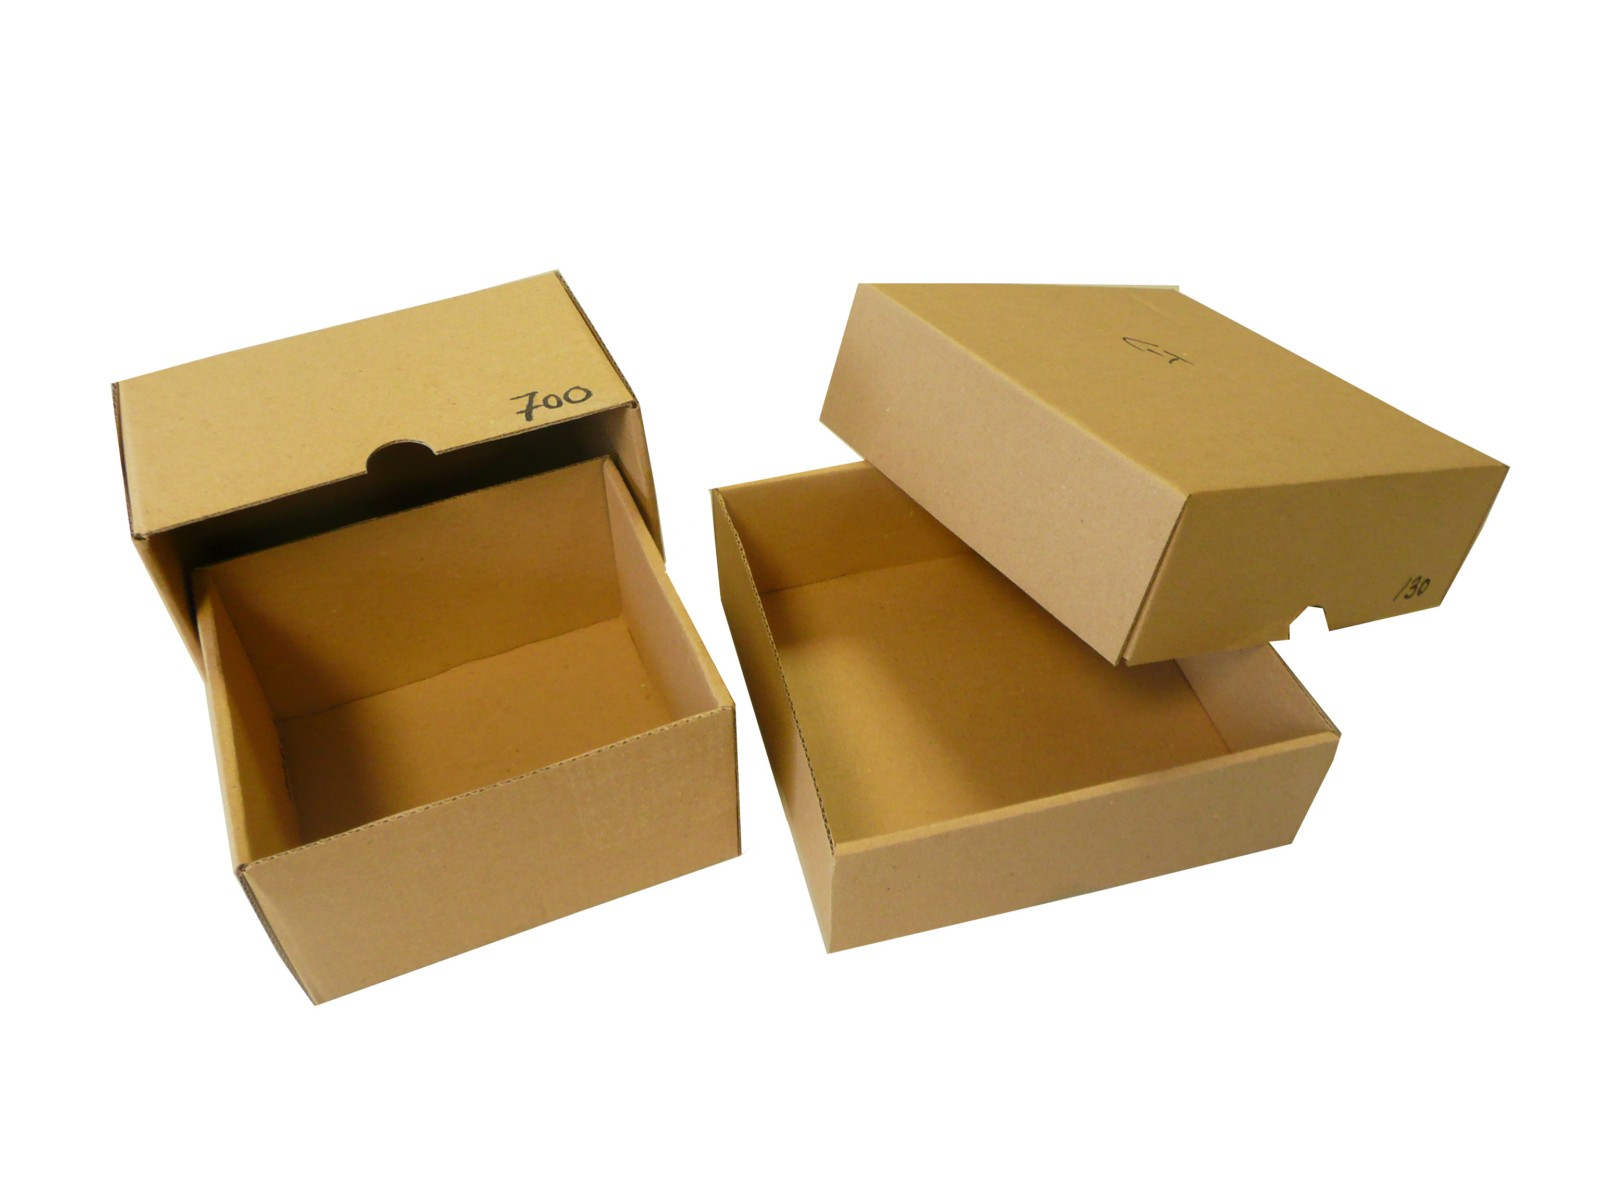 Cajas troqueladas de cart n automontables gosuma - Cajas forradas de papel ...